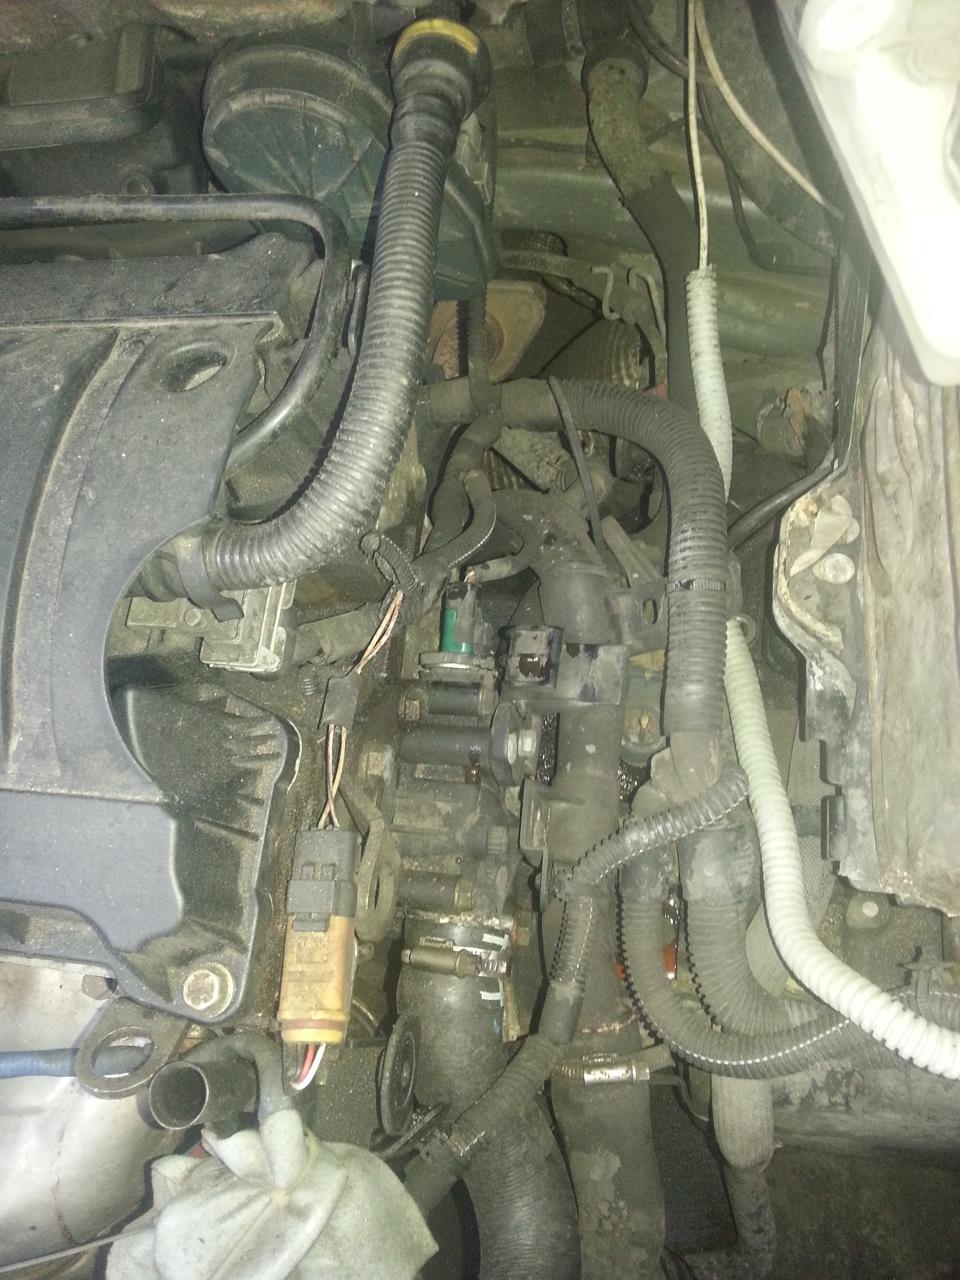 citroen c4 sedan датчик температуры двигателя